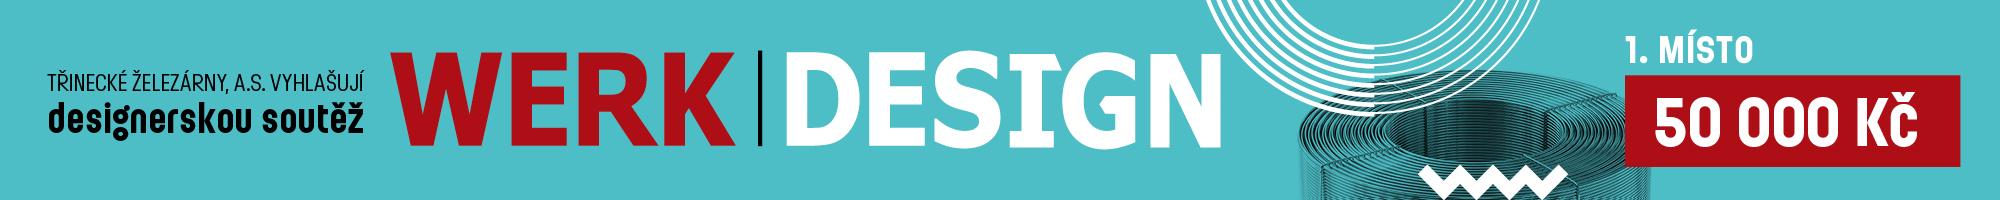 Werk Design 2018